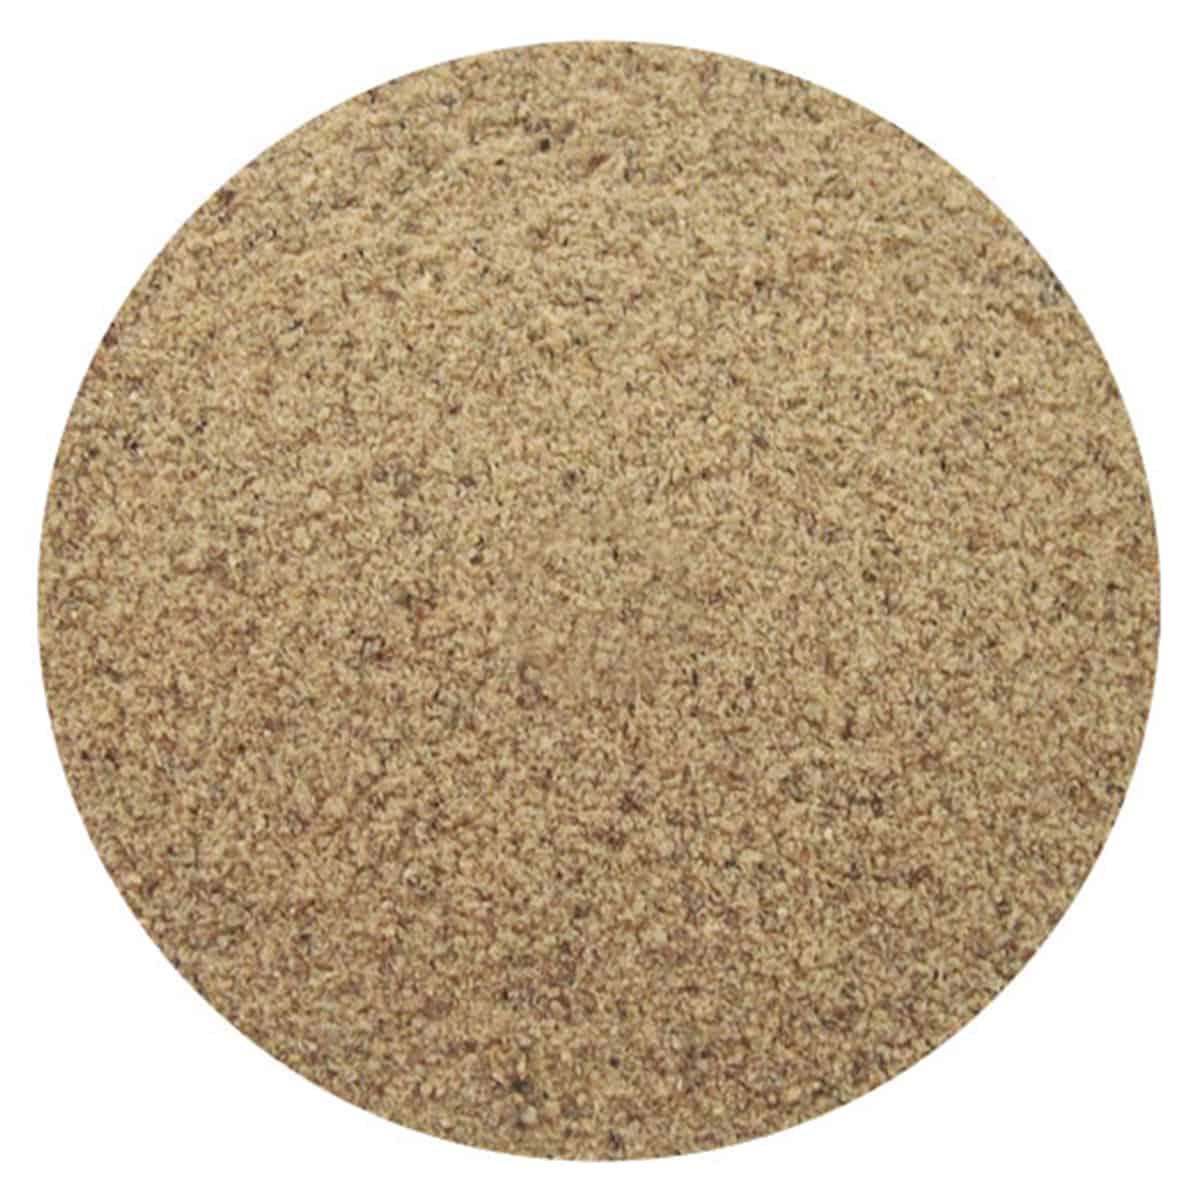 Buy IAG Foods White Pepper Powder - 1 kg